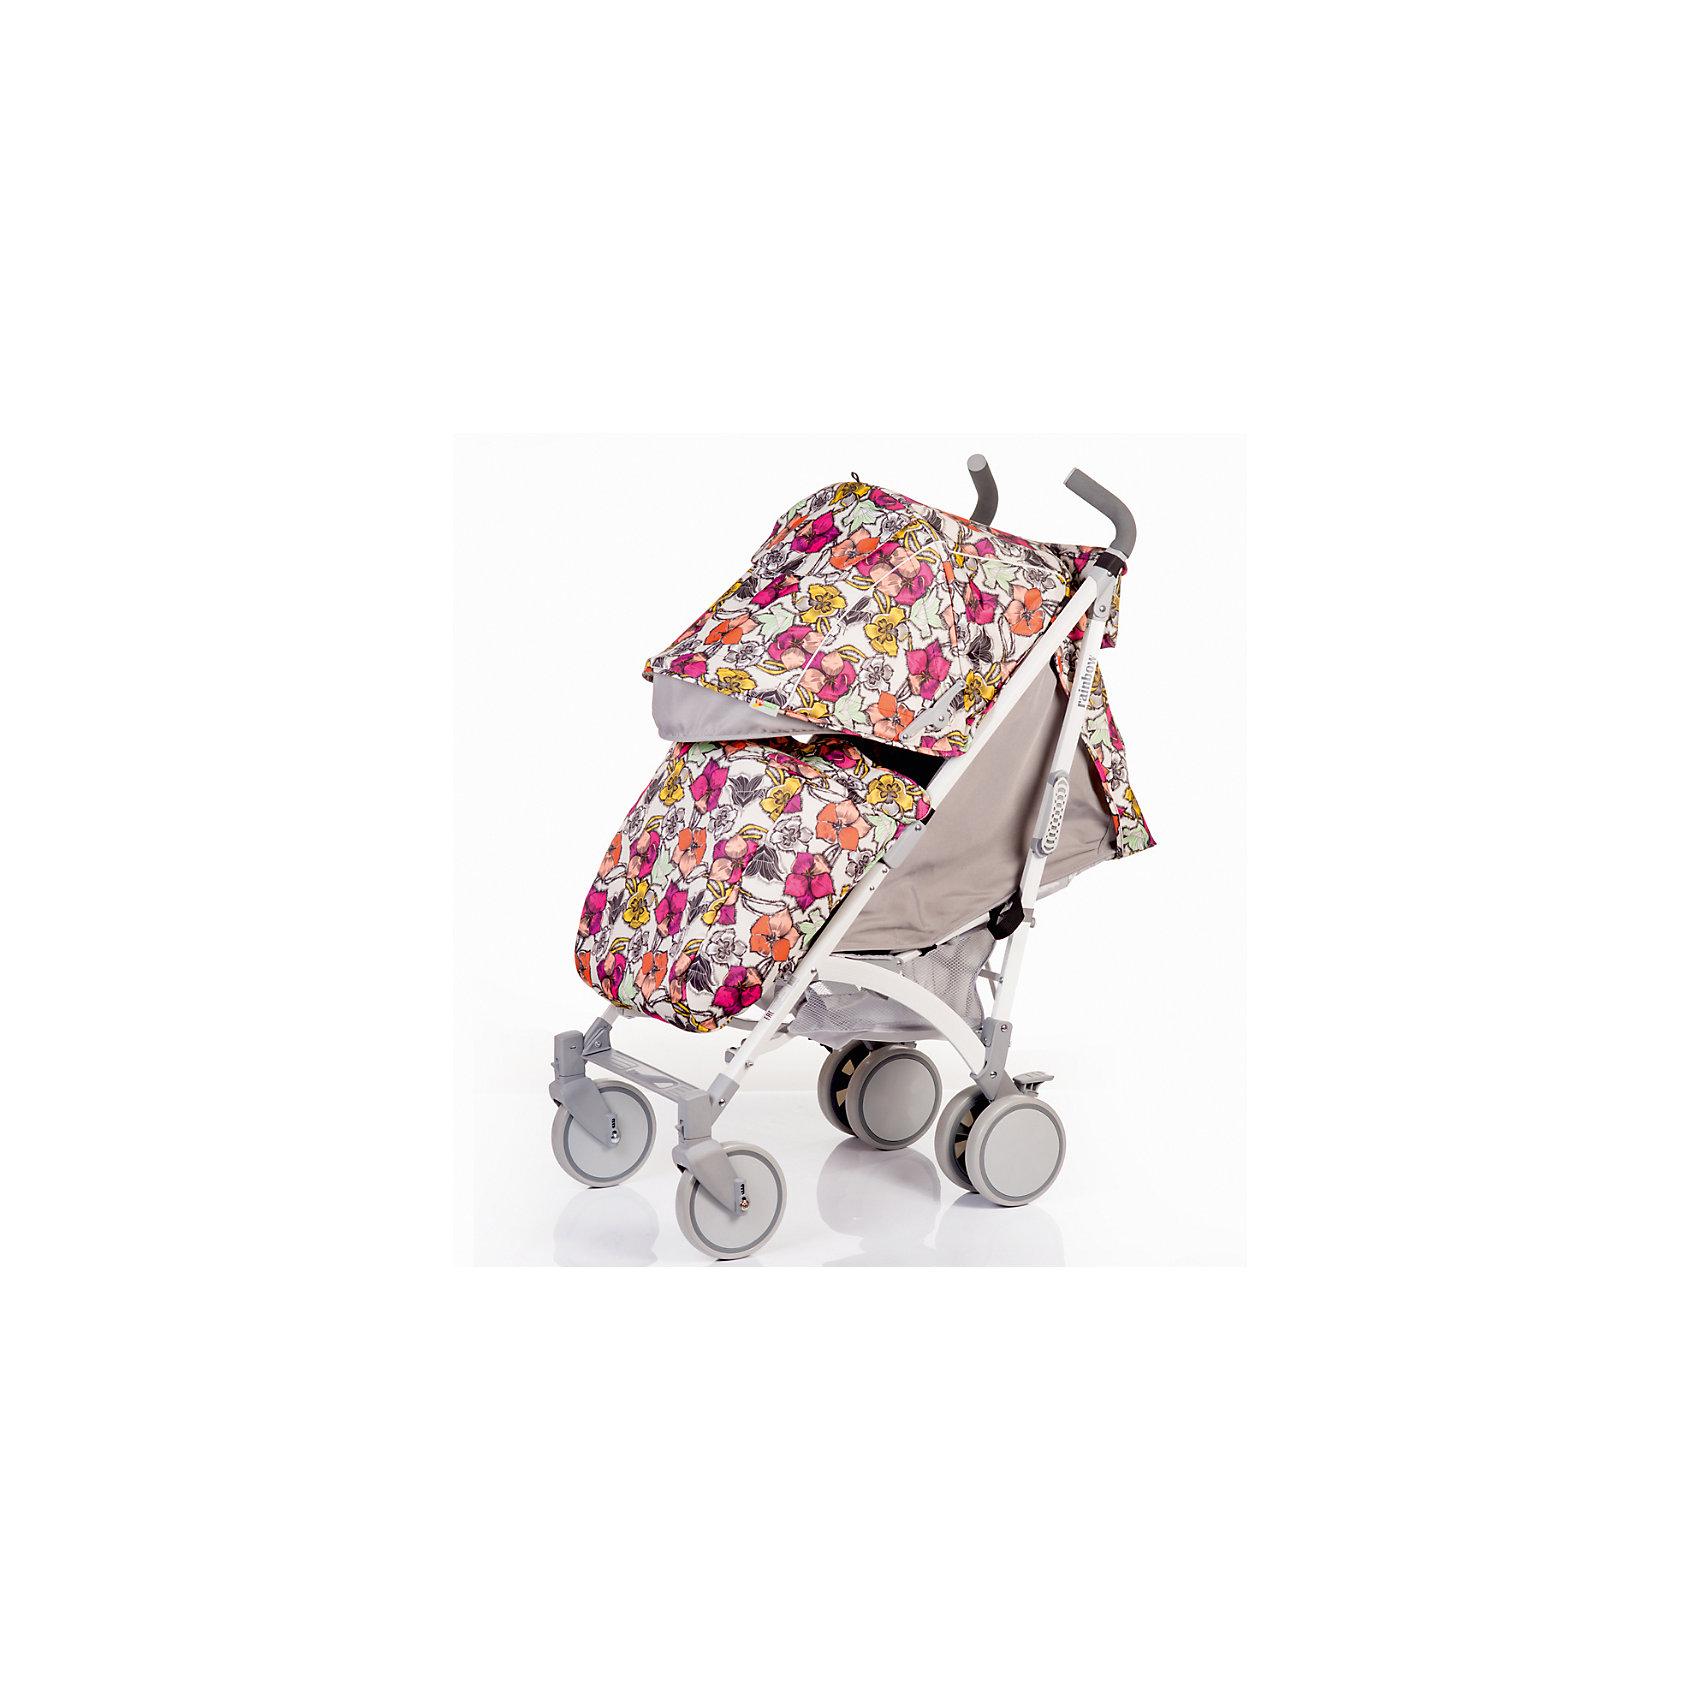 Коляска-трость BabyHit Rainbow, цветочныйКоляски-трости<br>Обновленная коляска-трость Babyhit Rainbow:<br><br>Прогулочная коляска-трость предназначена для детей от 6-ти месяцев до 3-х лет.<br>Спинка сиденья регулируется в 3-х положениях для комфортного отдыха ребенка.<br>5-ти точечные ремни безопасности с мягкими плечевыми накладками и паховый ремень надежно удержат малыша на прогулке.<br>Бампер предназначен для дополнительной безопасности, снимается при необходимости.<br>Подножка регулируемая.<br>Капюшон-батискаф опускается до бампера.<br>Передние поворотные колеса с возможностью фиксации в положении прямо.<br>Все колеса амортизированы.<br>В сложенном виде коляску легко переносить с помощью удобной ручки.<br>Коляска автоматически блокируется при складывании.<br>Корзинка для покупок расположена в нижней части коляски.<br>Размеры коляски в разложенном виде: 85/43/108 см.<br>Ширина сиденья: 35 см.<br>Высота спинки: 47 см.<br>Глубина сиденья: 25 см.<br>Длина подножки: 13 см.<br>Размер спального места при поднятой подножке - 85 х 35 см.  <br>Диаметр колес: 18 см.<br>Вес коляски - 7,4 кг.<br>В комплекте:<br>Чехол для ножек. <br>Дождевик.<br>Москитная сетка.<br>Корзинка для покупок.<br>Сумочка на ручках<br>Отличительные особенности обновленной Babyhit Rainbow: увеличенный по длине полог, полностью съемная ткань (чехол), эргономичные полиуретановые ручки.<br><br>Ширина мм: 260<br>Глубина мм: 250<br>Высота мм: 900<br>Вес г: 10000<br>Цвет: mehrfarbig<br>Возраст от месяцев: 6<br>Возраст до месяцев: 36<br>Пол: Женский<br>Возраст: Детский<br>SKU: 5584578